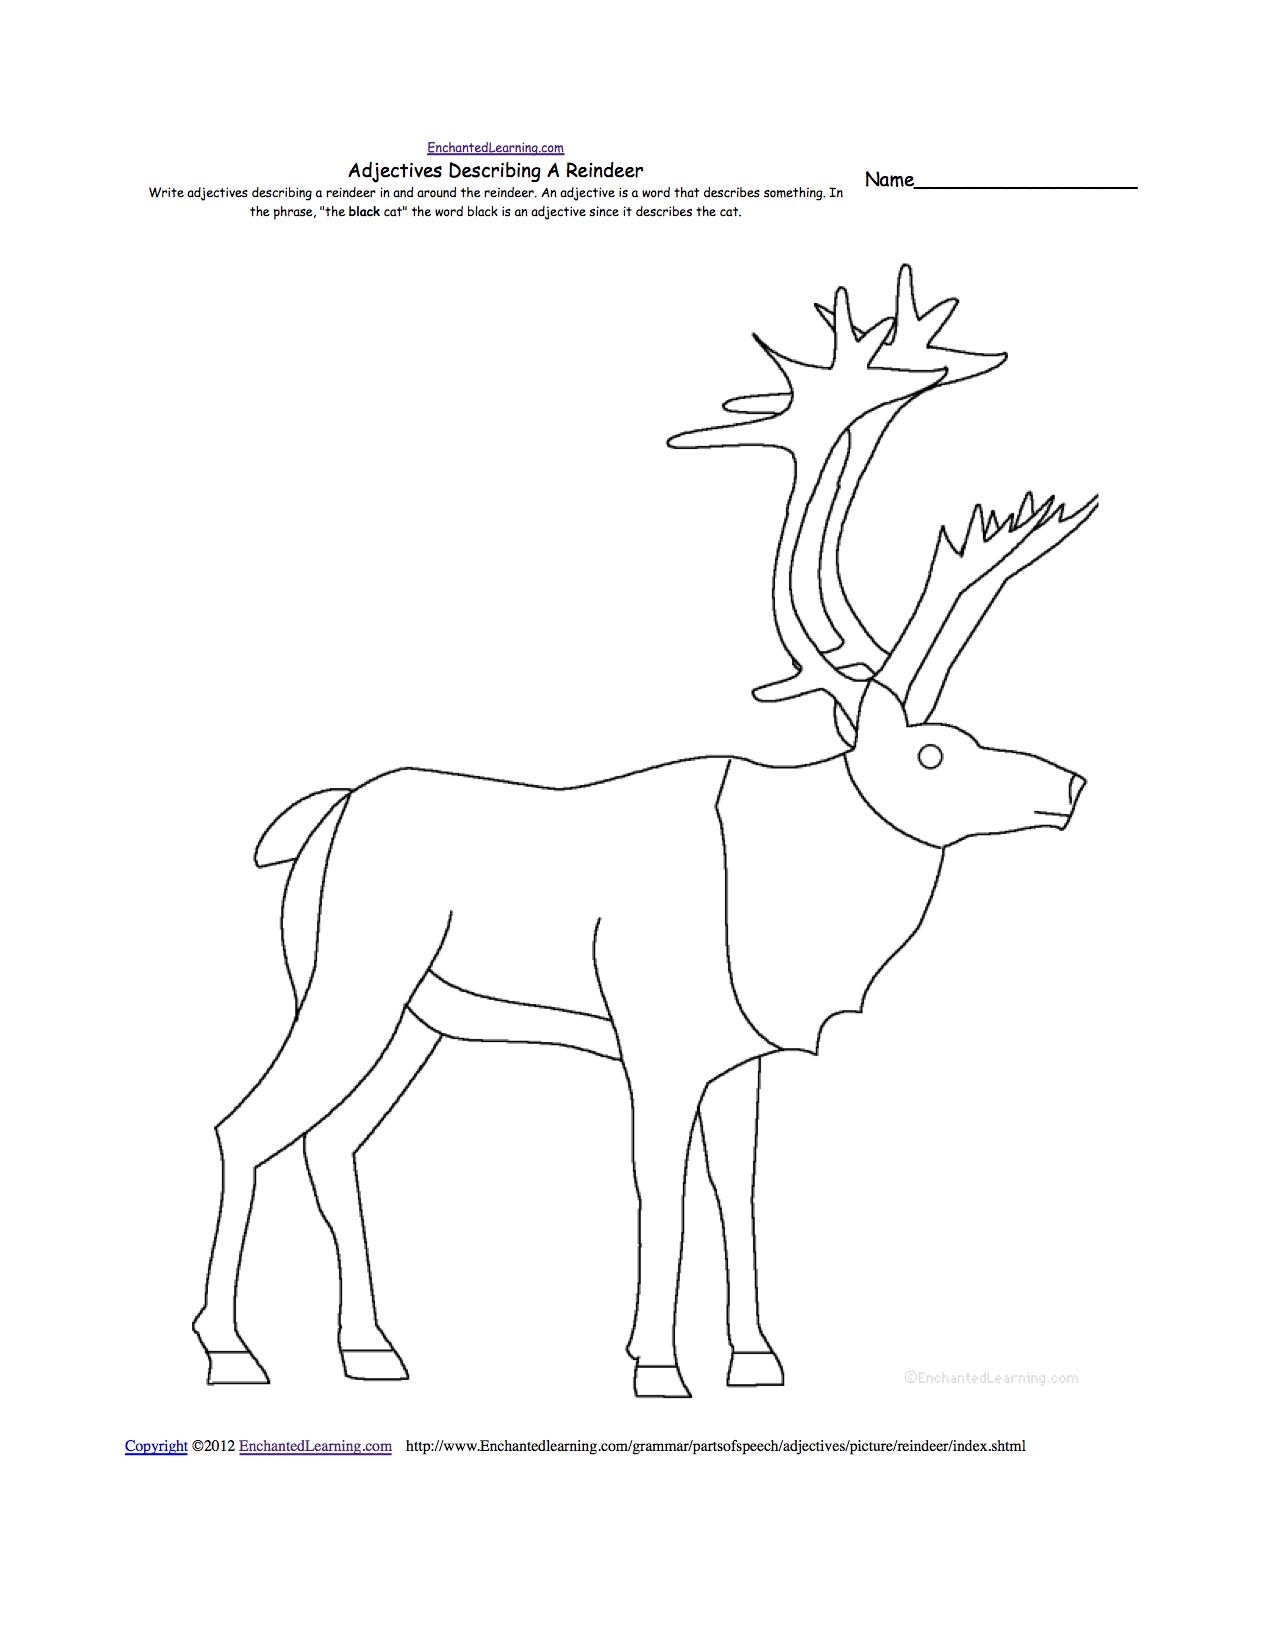 Animal Writing Worksheets at EnchantedLearning.com